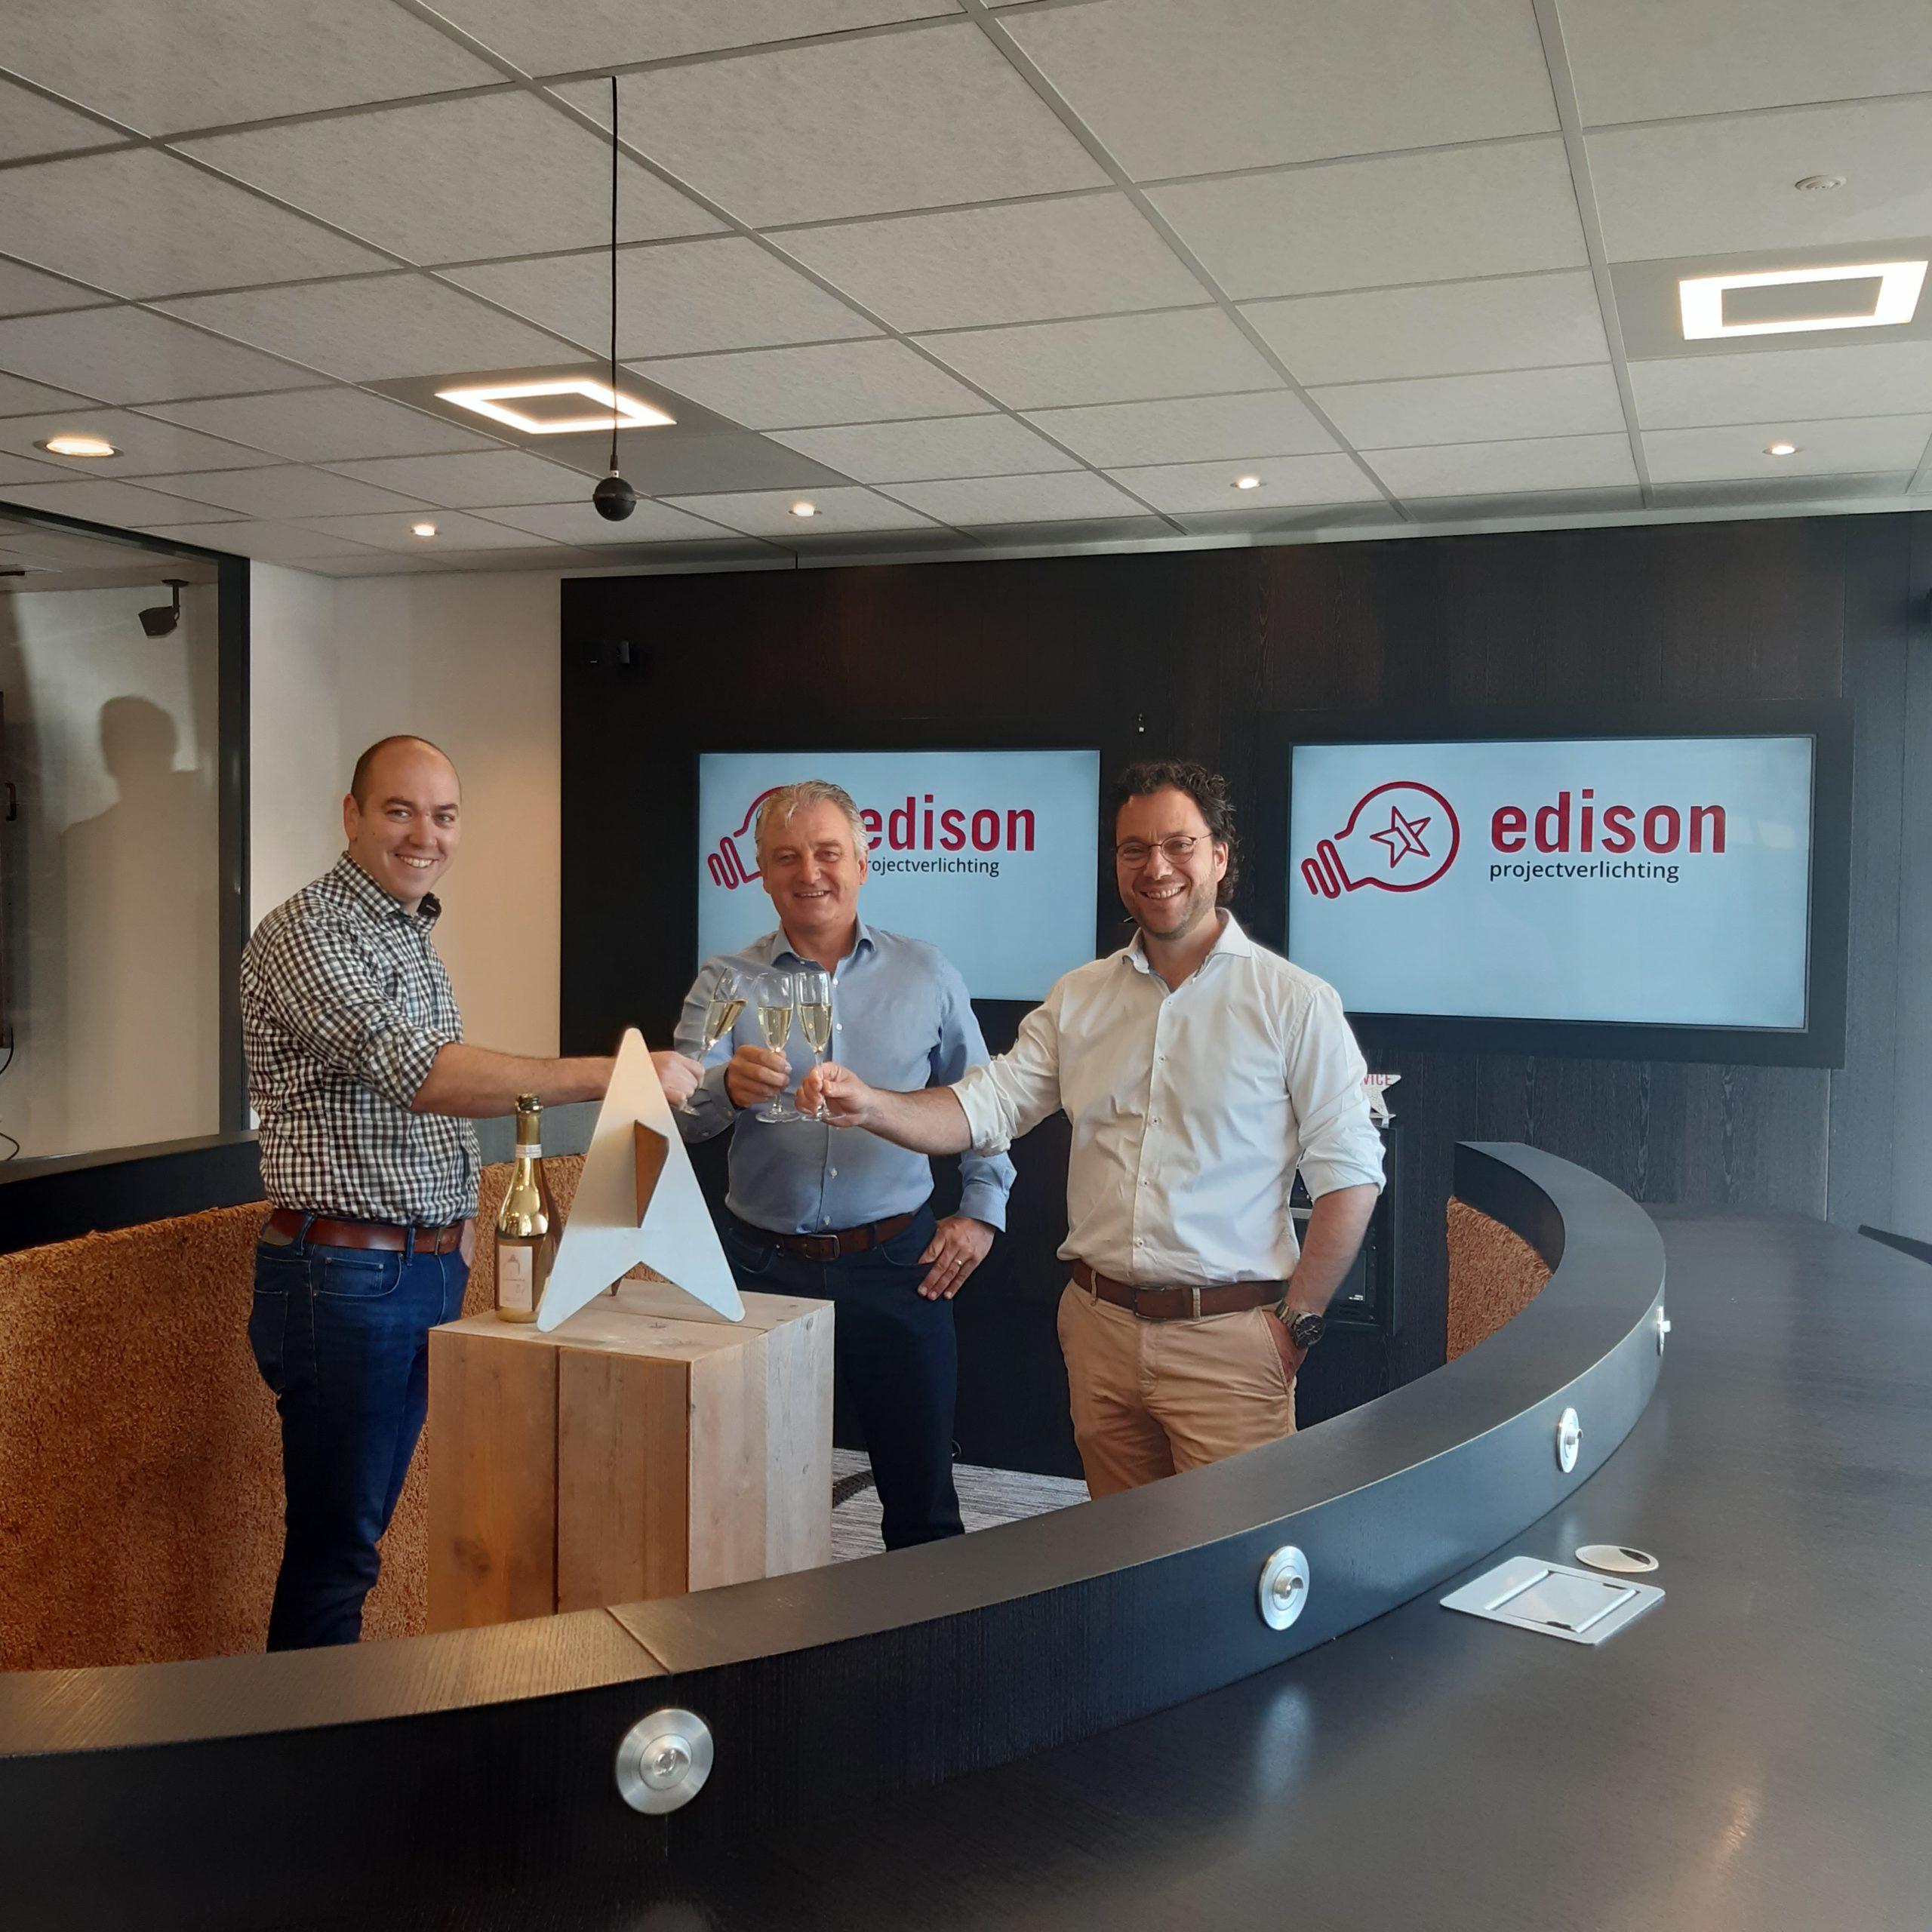 Toasten op nieuwe zus Edison Projectverlichting